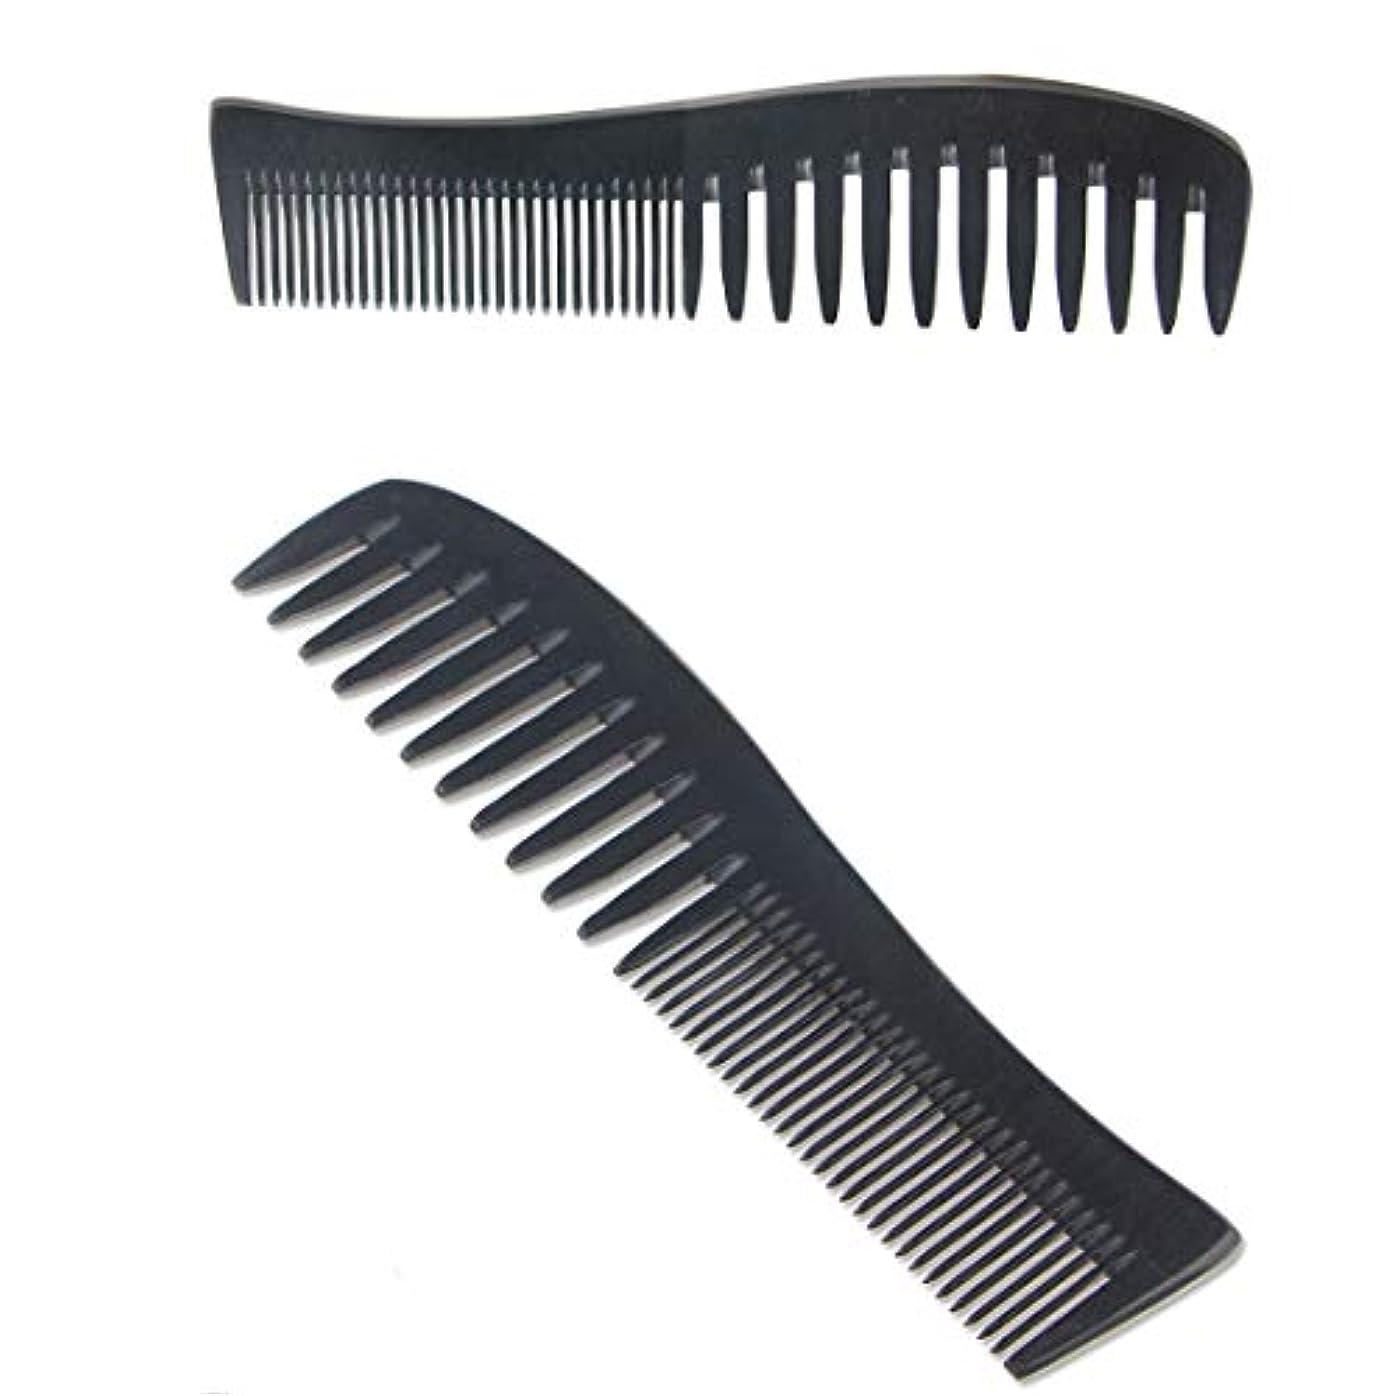 バケツ安全な味わう手作りの木製くし - ふけ防止、帯電防止、環境にやさしい - 頭皮と髪の健康に最適、幅広の歯2個 ヘアケア (色 : 2Pcs)